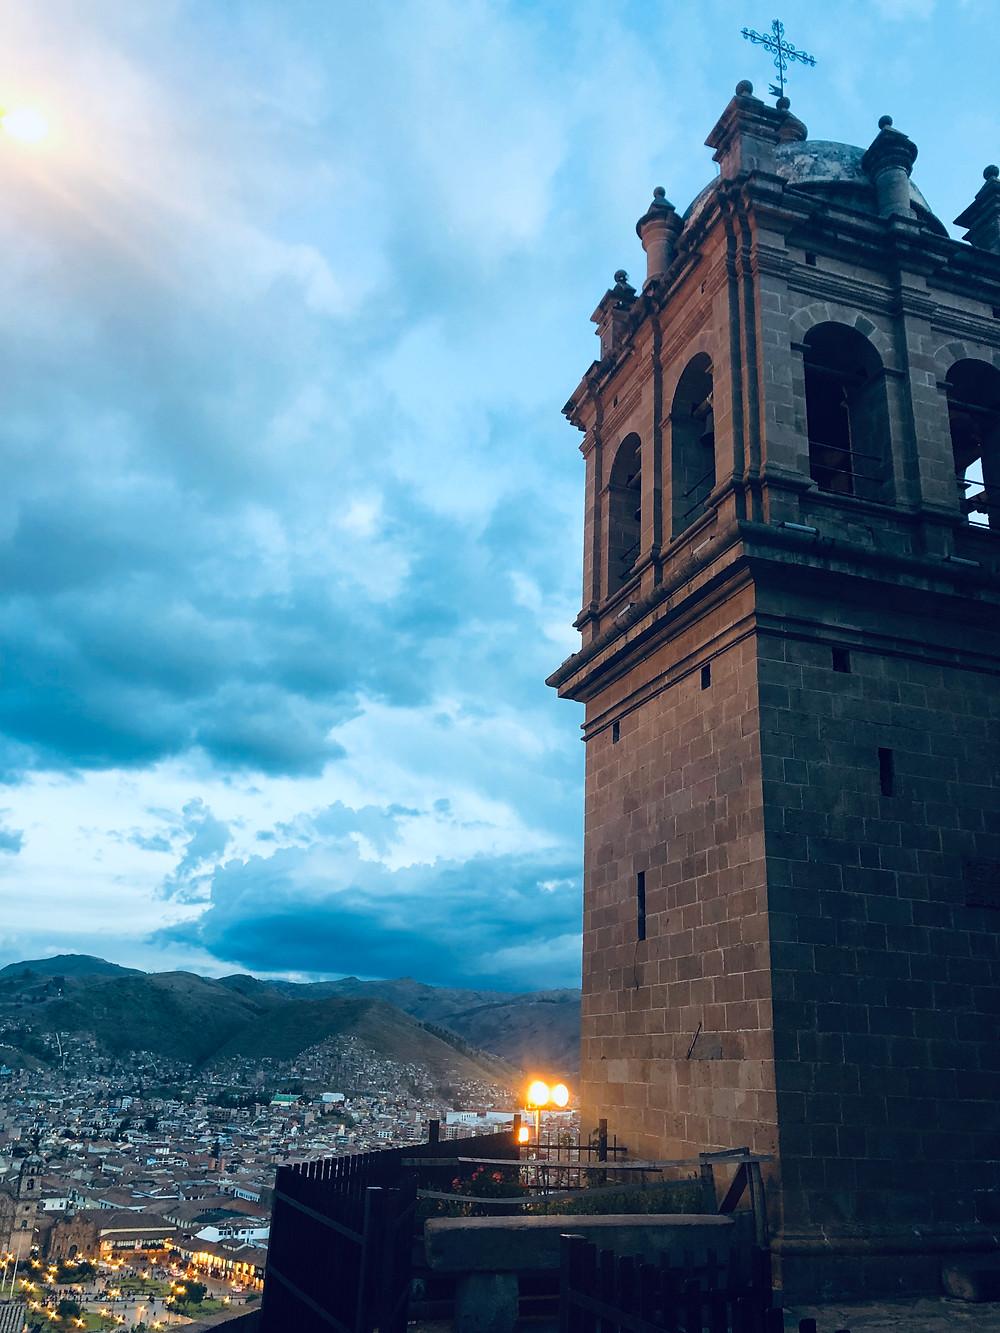 Mirador San Cristobal